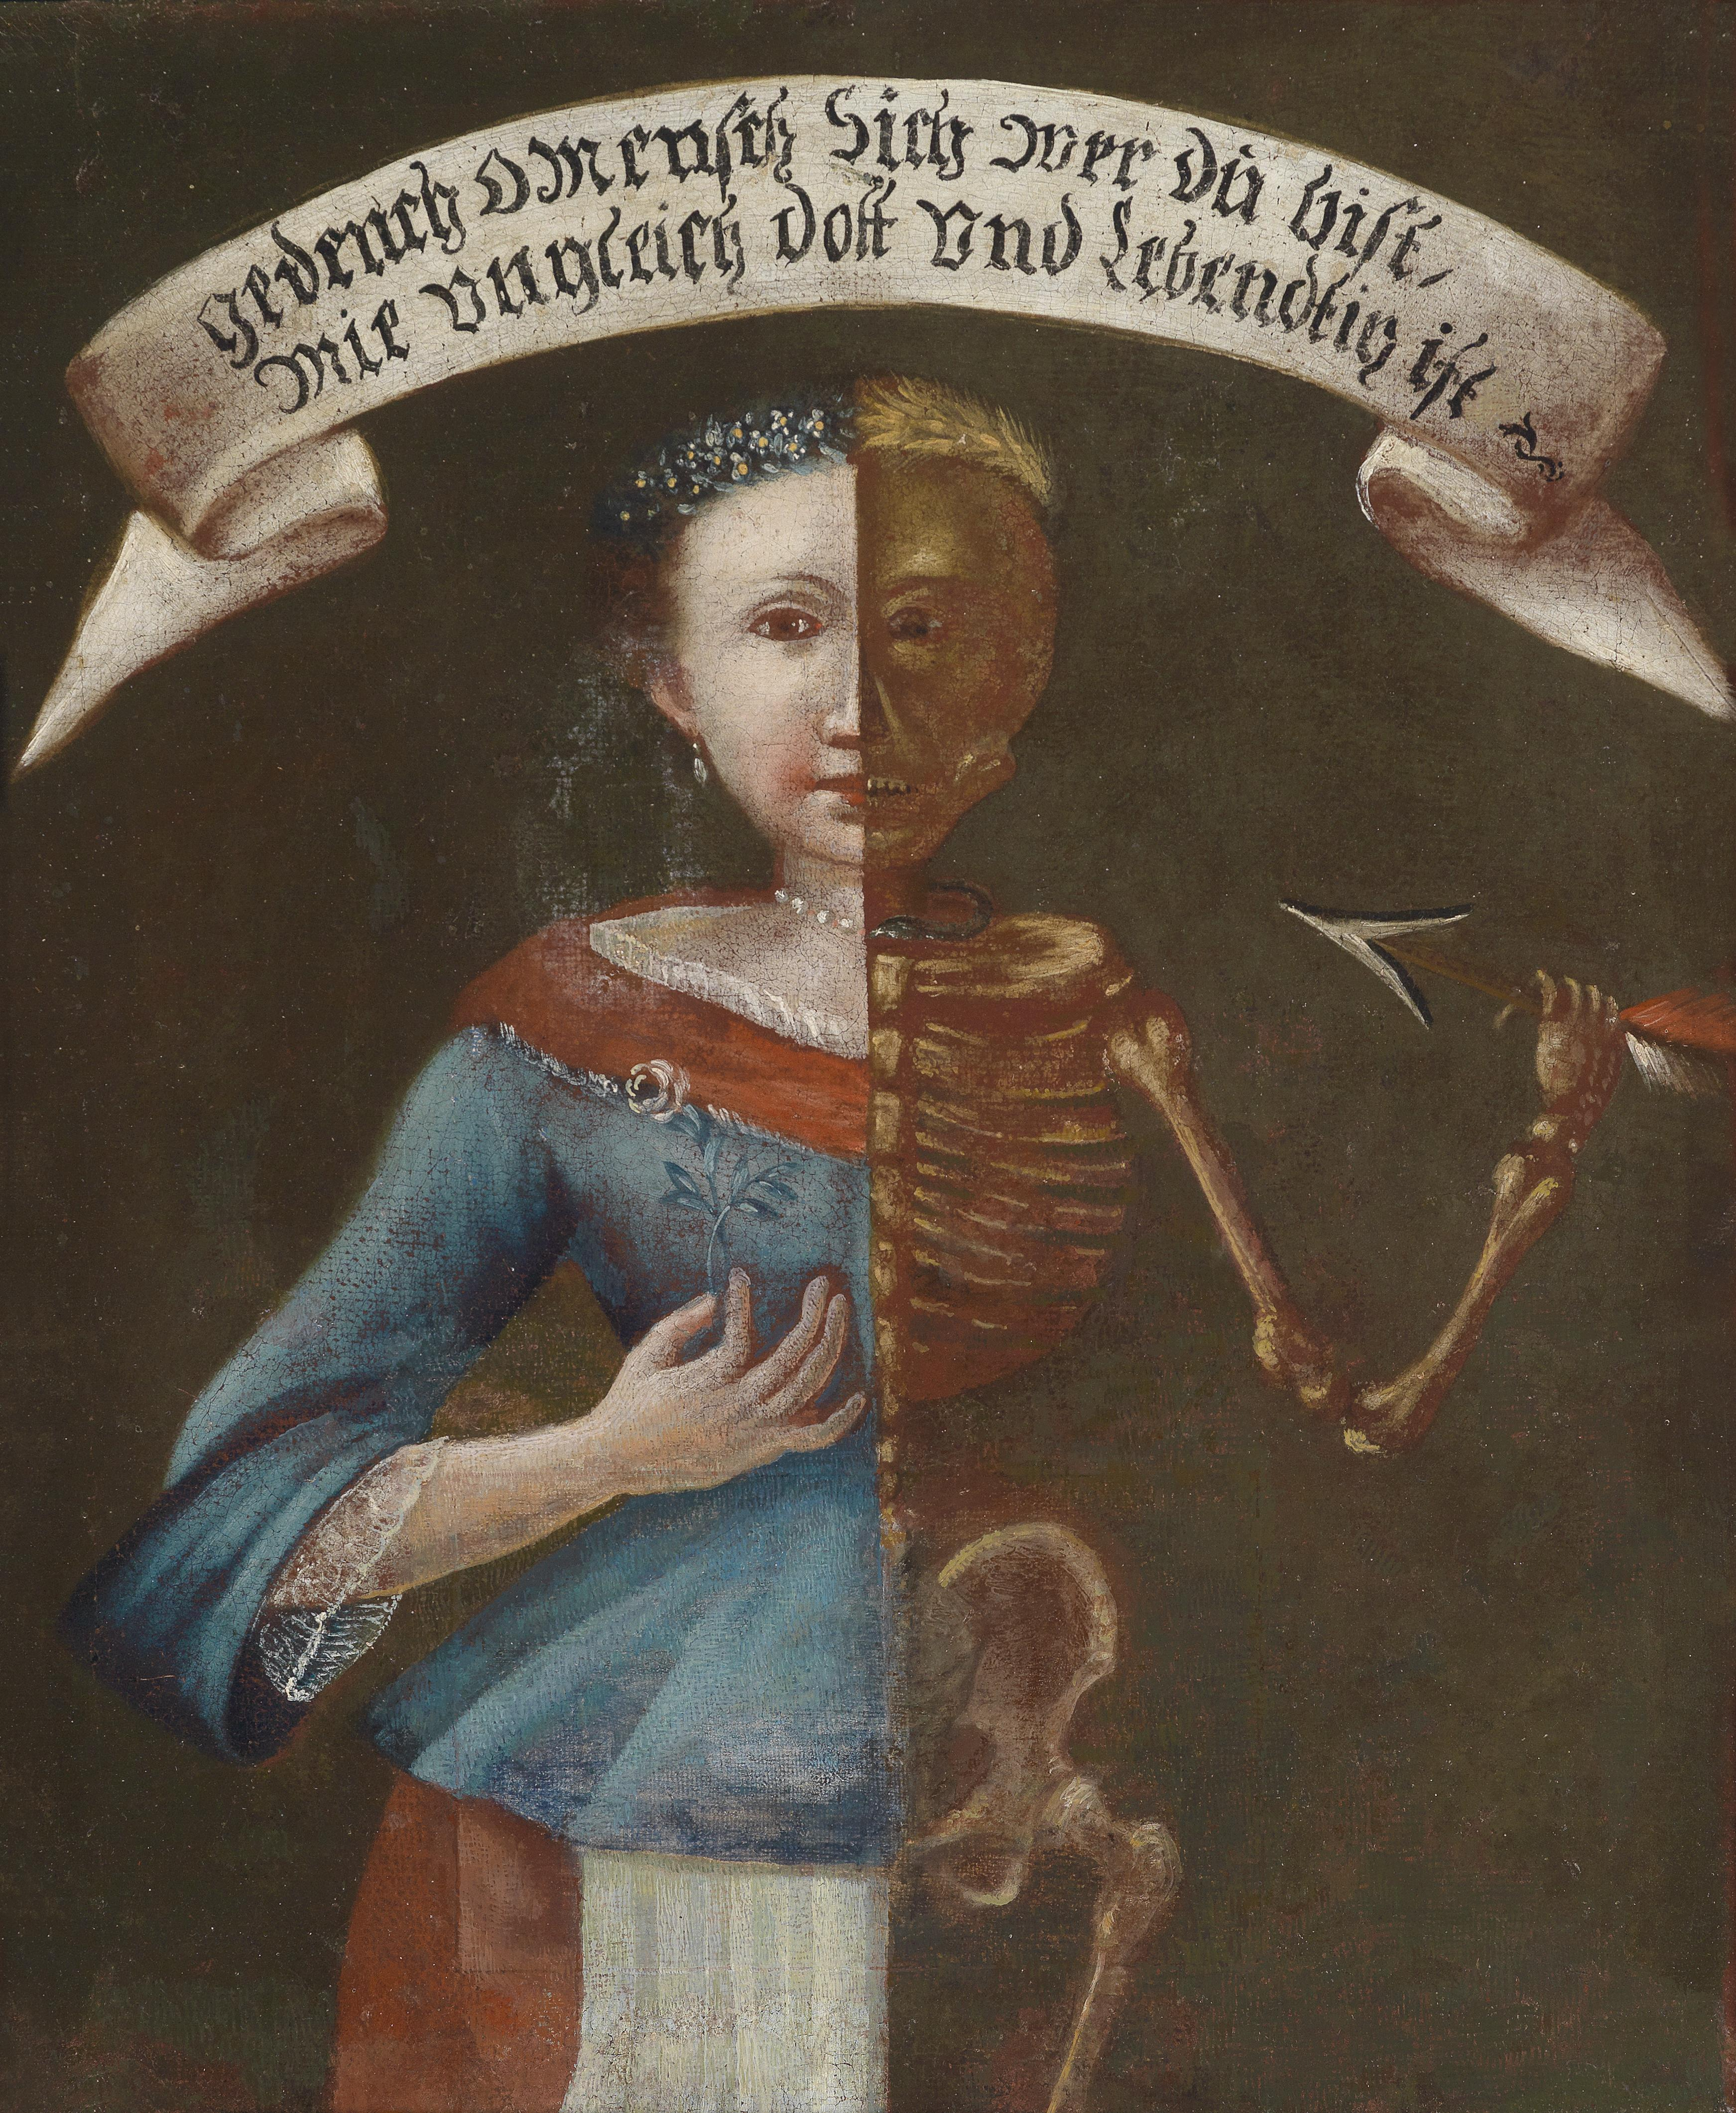 18. Jahrhundert Stadtischen Museum Rosenheim Gedenck O Mensch Sich wer Du bist Wie ungleich Dott und Lebendig ist, suddeutsch 46 x 38,2 cm